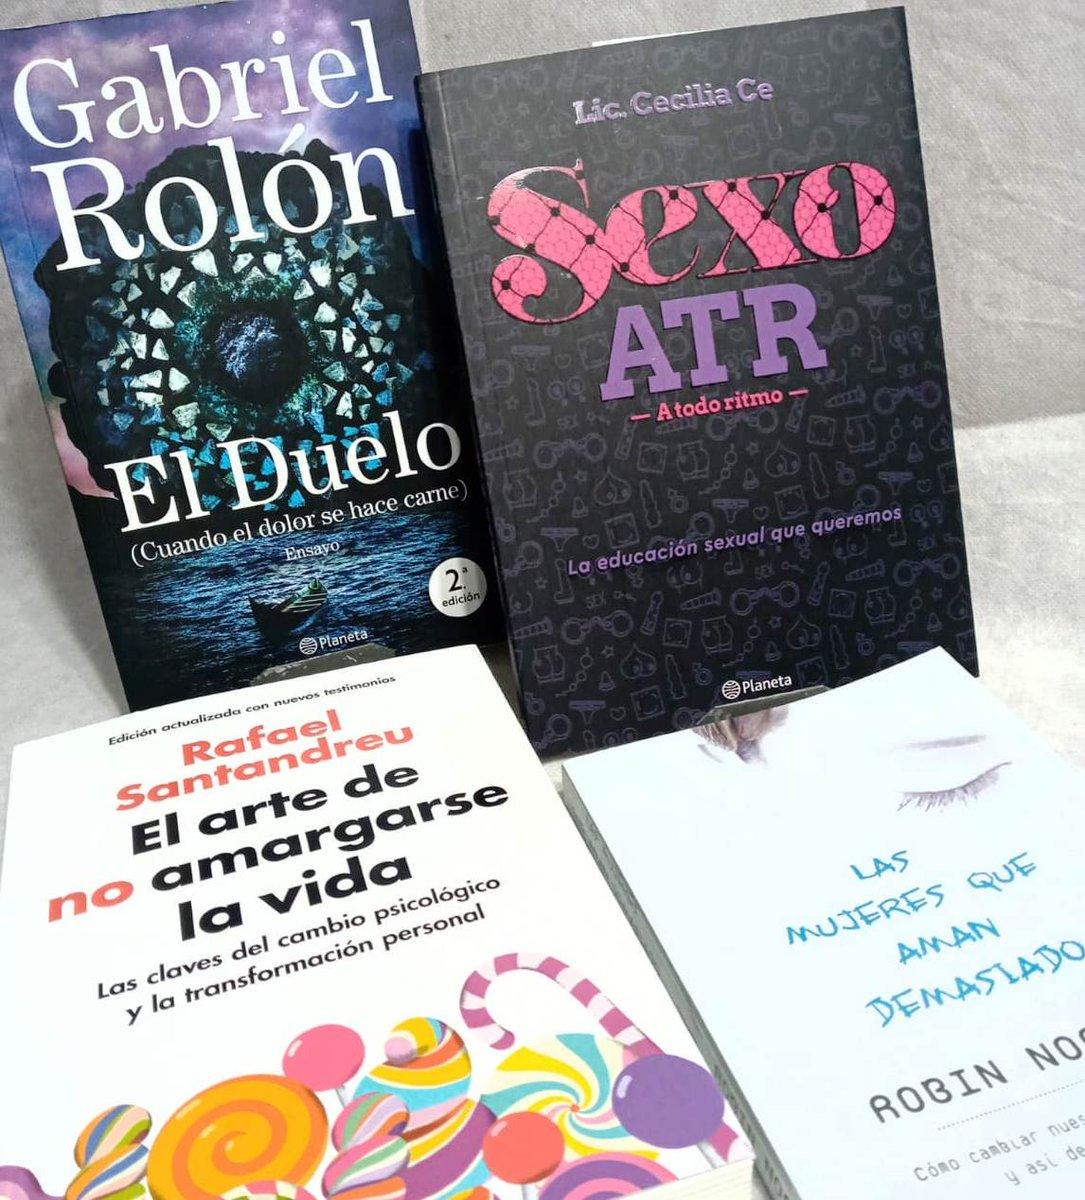 Fin de semana lluvioso en Uruguay ¿ por cuál empezamos ? #lectura #libros #leetodoelaño #Verano2021 @LicenciadoRolon @LicCeciliace @RSantandreuOfic #RobinNorwood